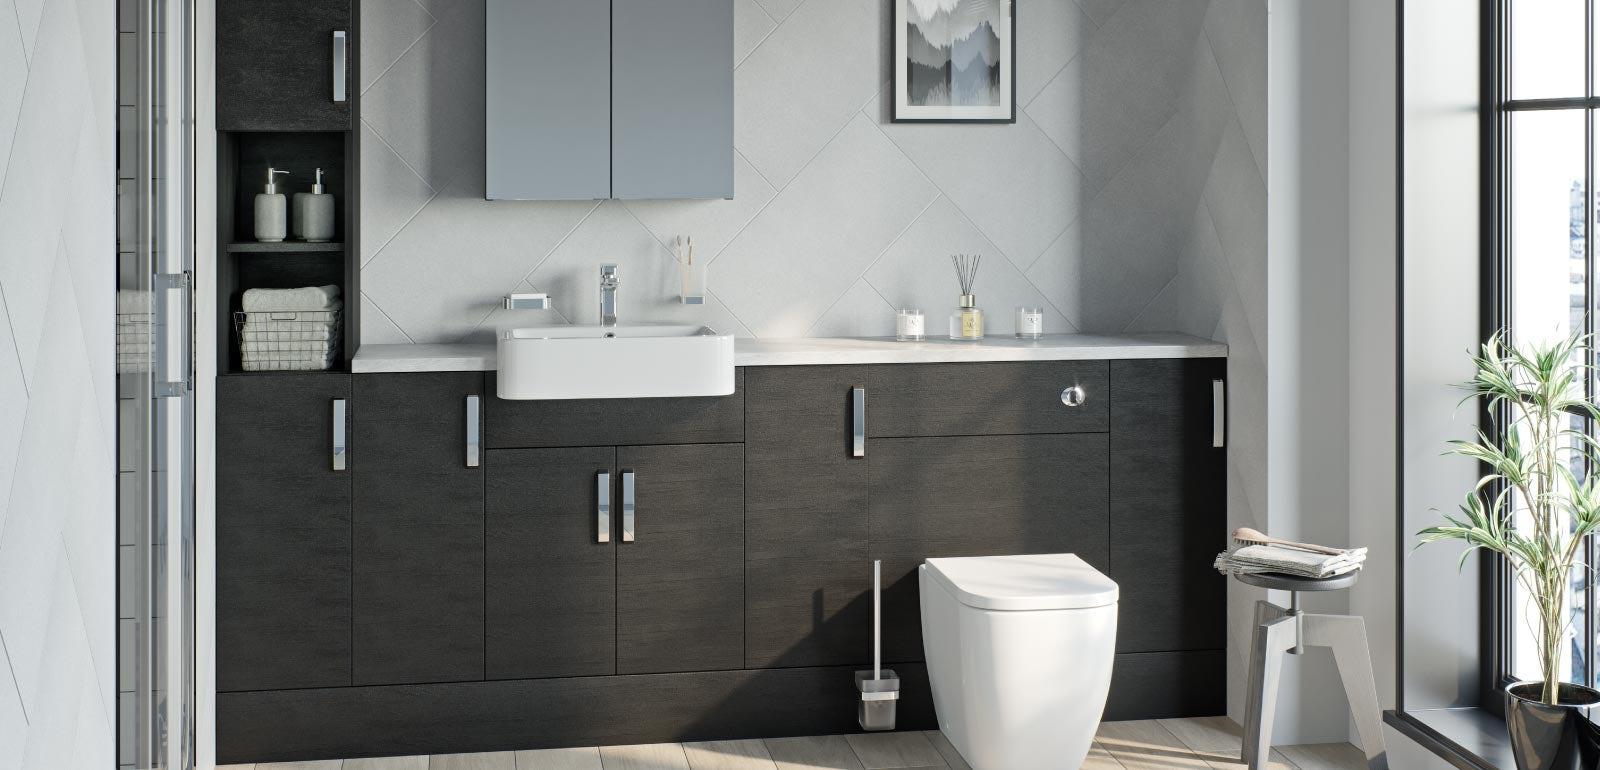 6 stylish bathroom furniture ideas for 2020